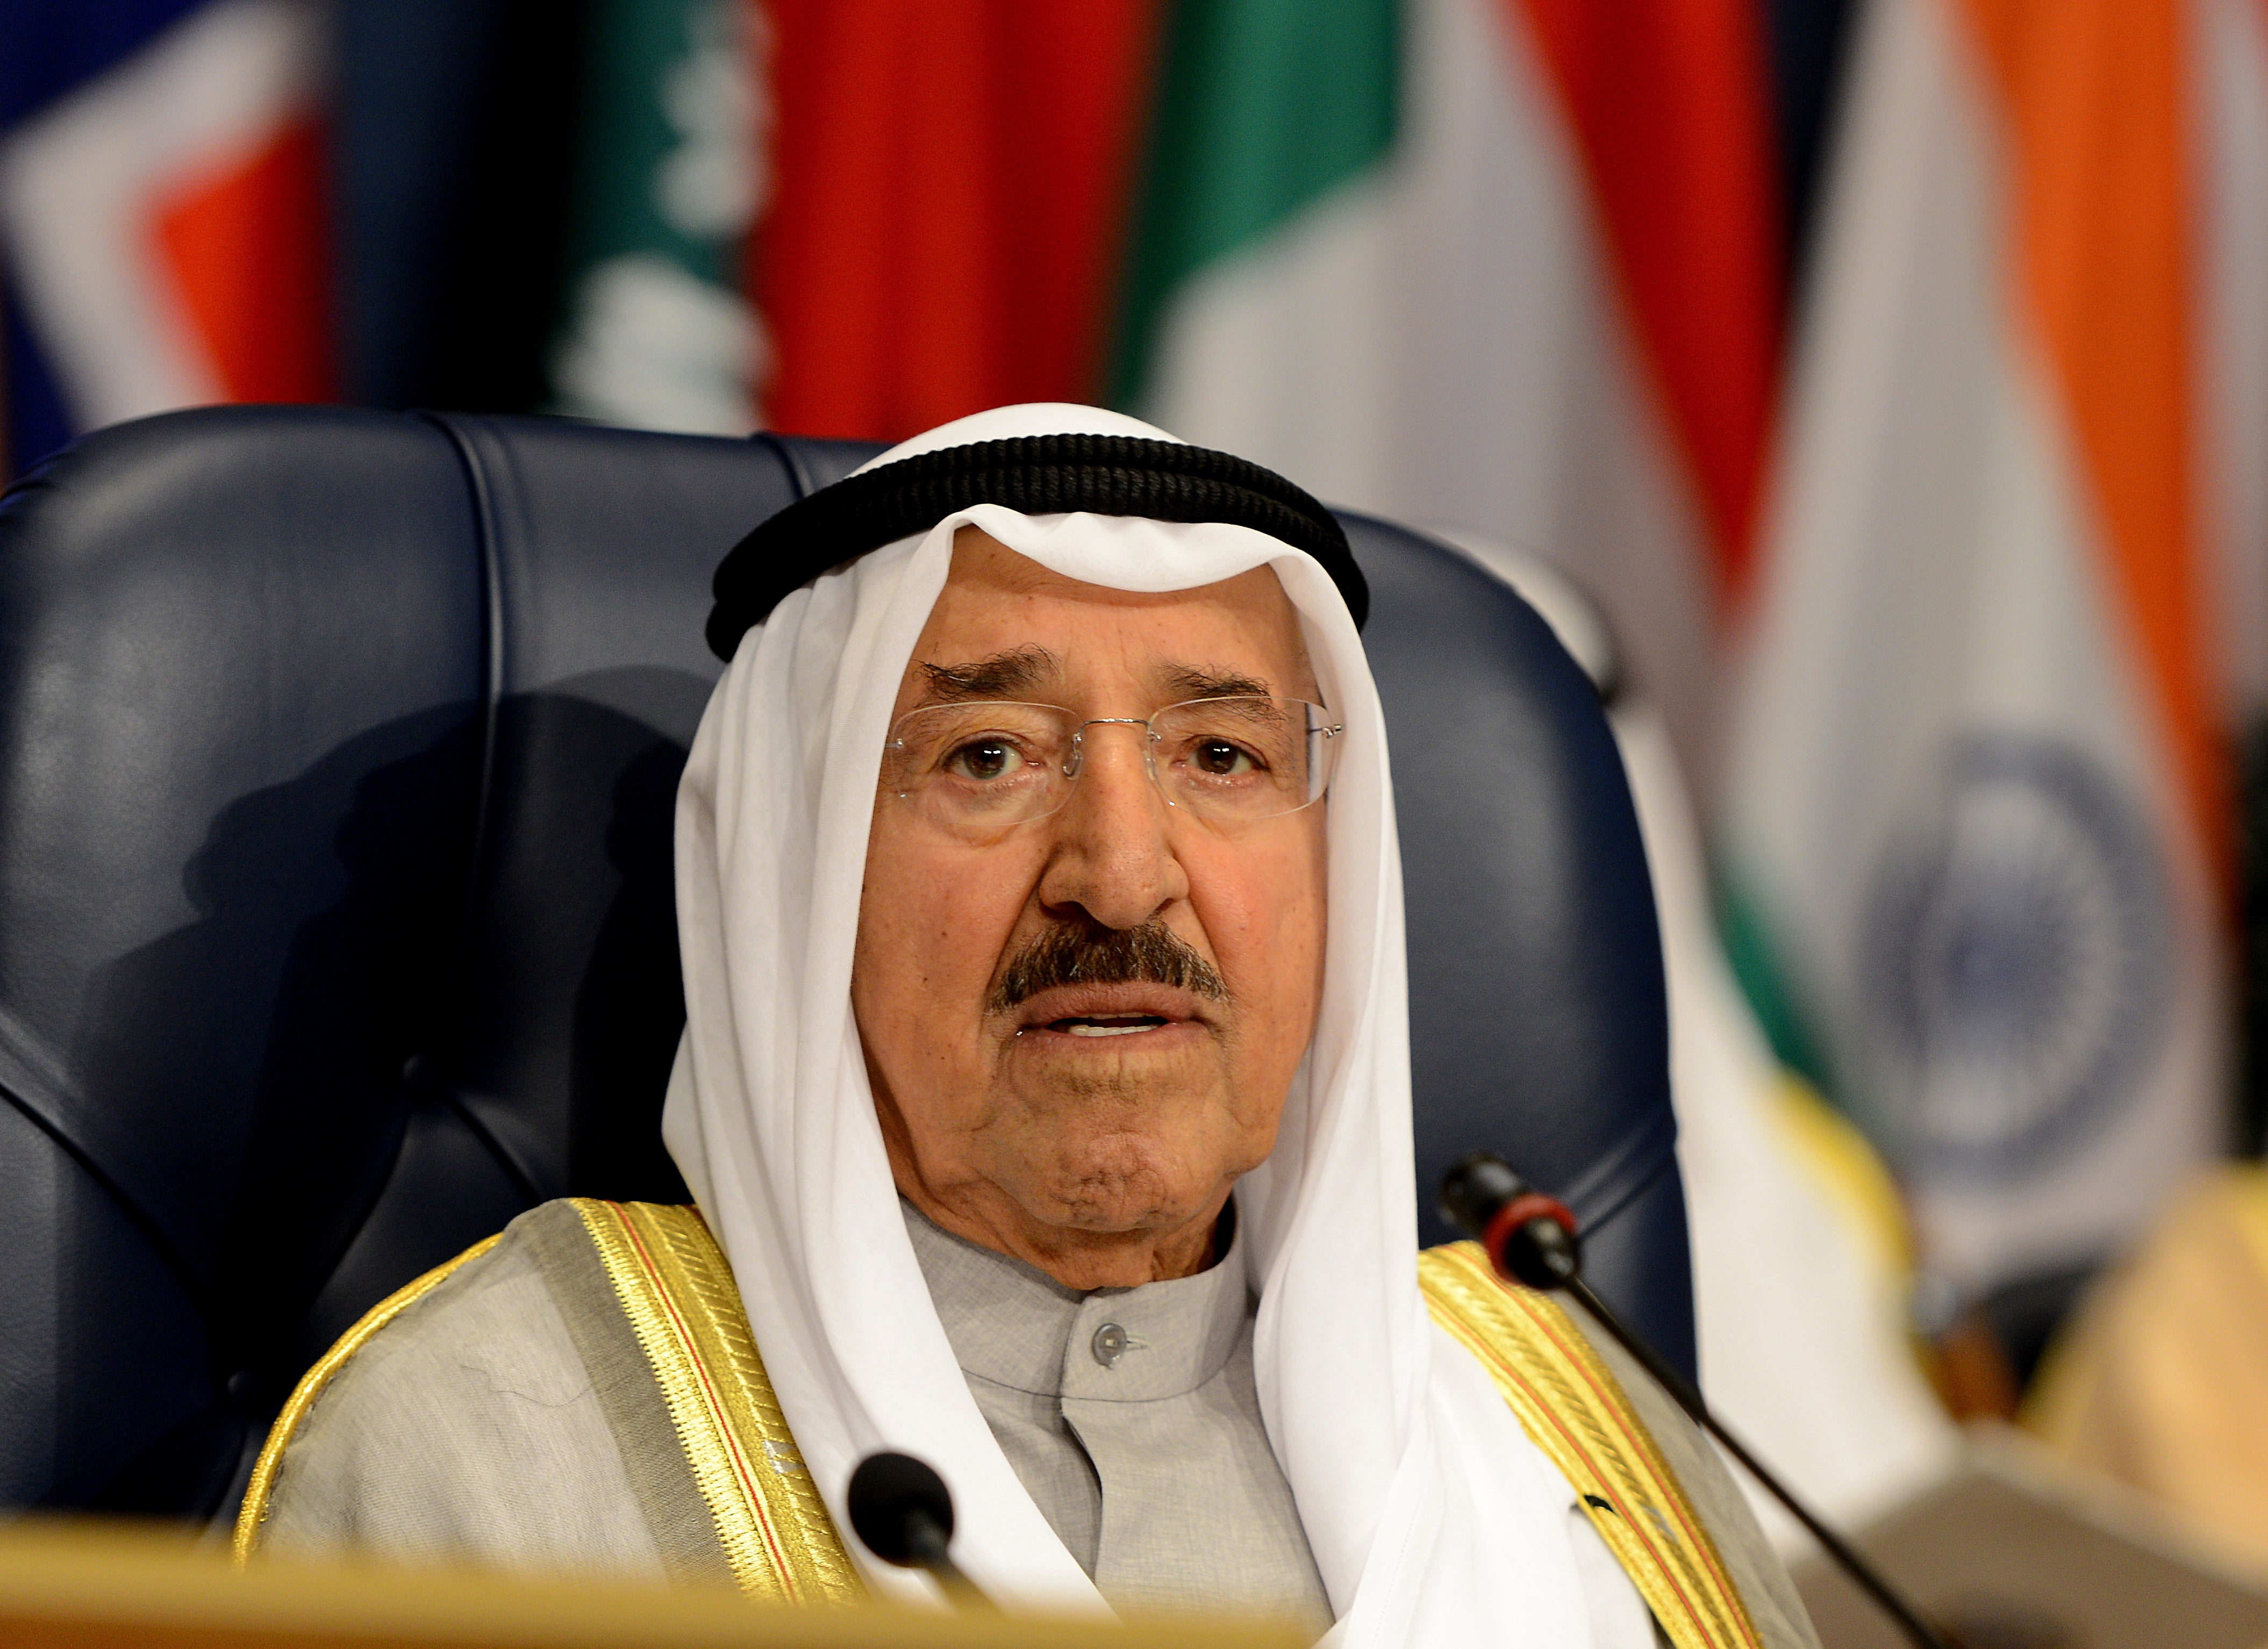 Kuwait ruler Sheikh Sabah Al Ahmad Al Sabah dies aged 91 - independent